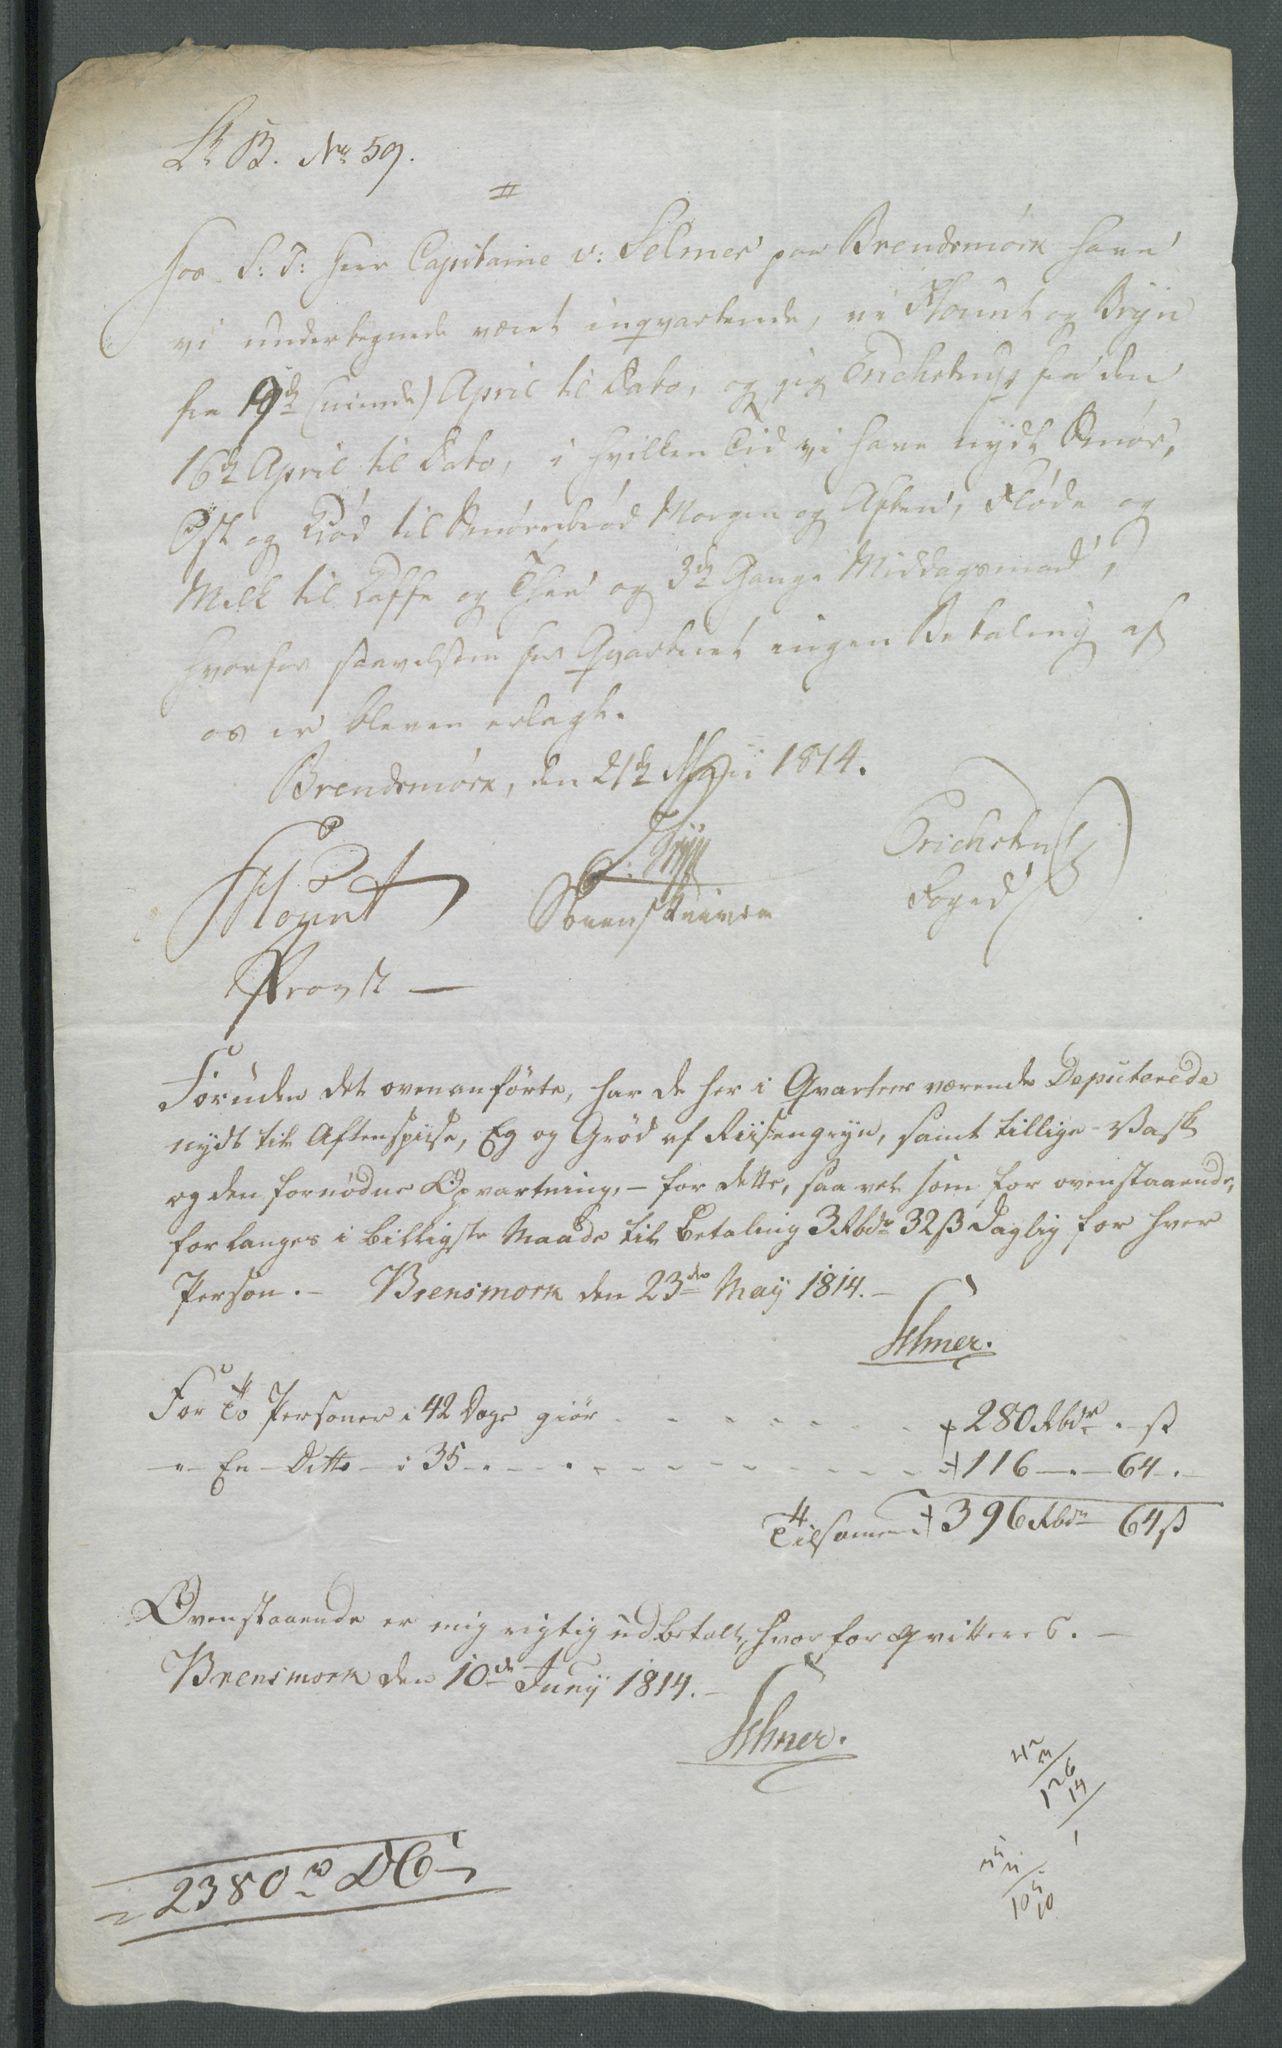 RA, 5. departement for finans-, handels- og tollfaget, C/Cb/L0014: Regninger fra Riksforsamlingens deputerede, 1814, s. 31